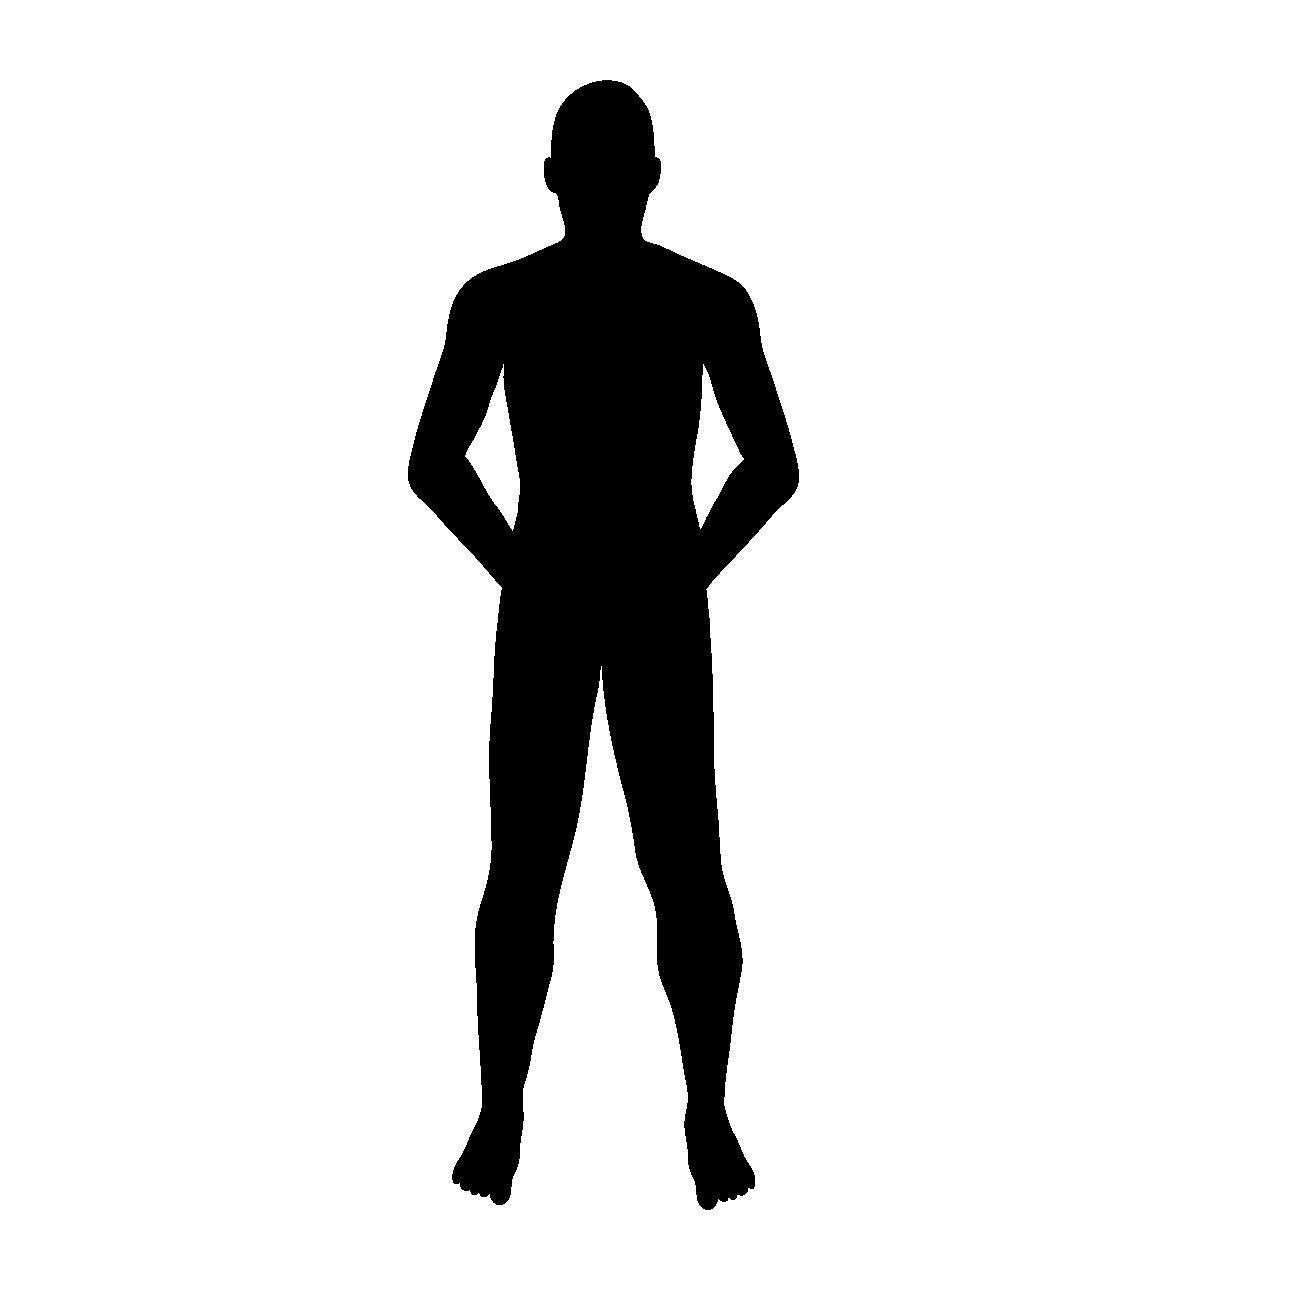 いつも太って見えがちな人は、服の組み合わせが間違っているのかもしれない